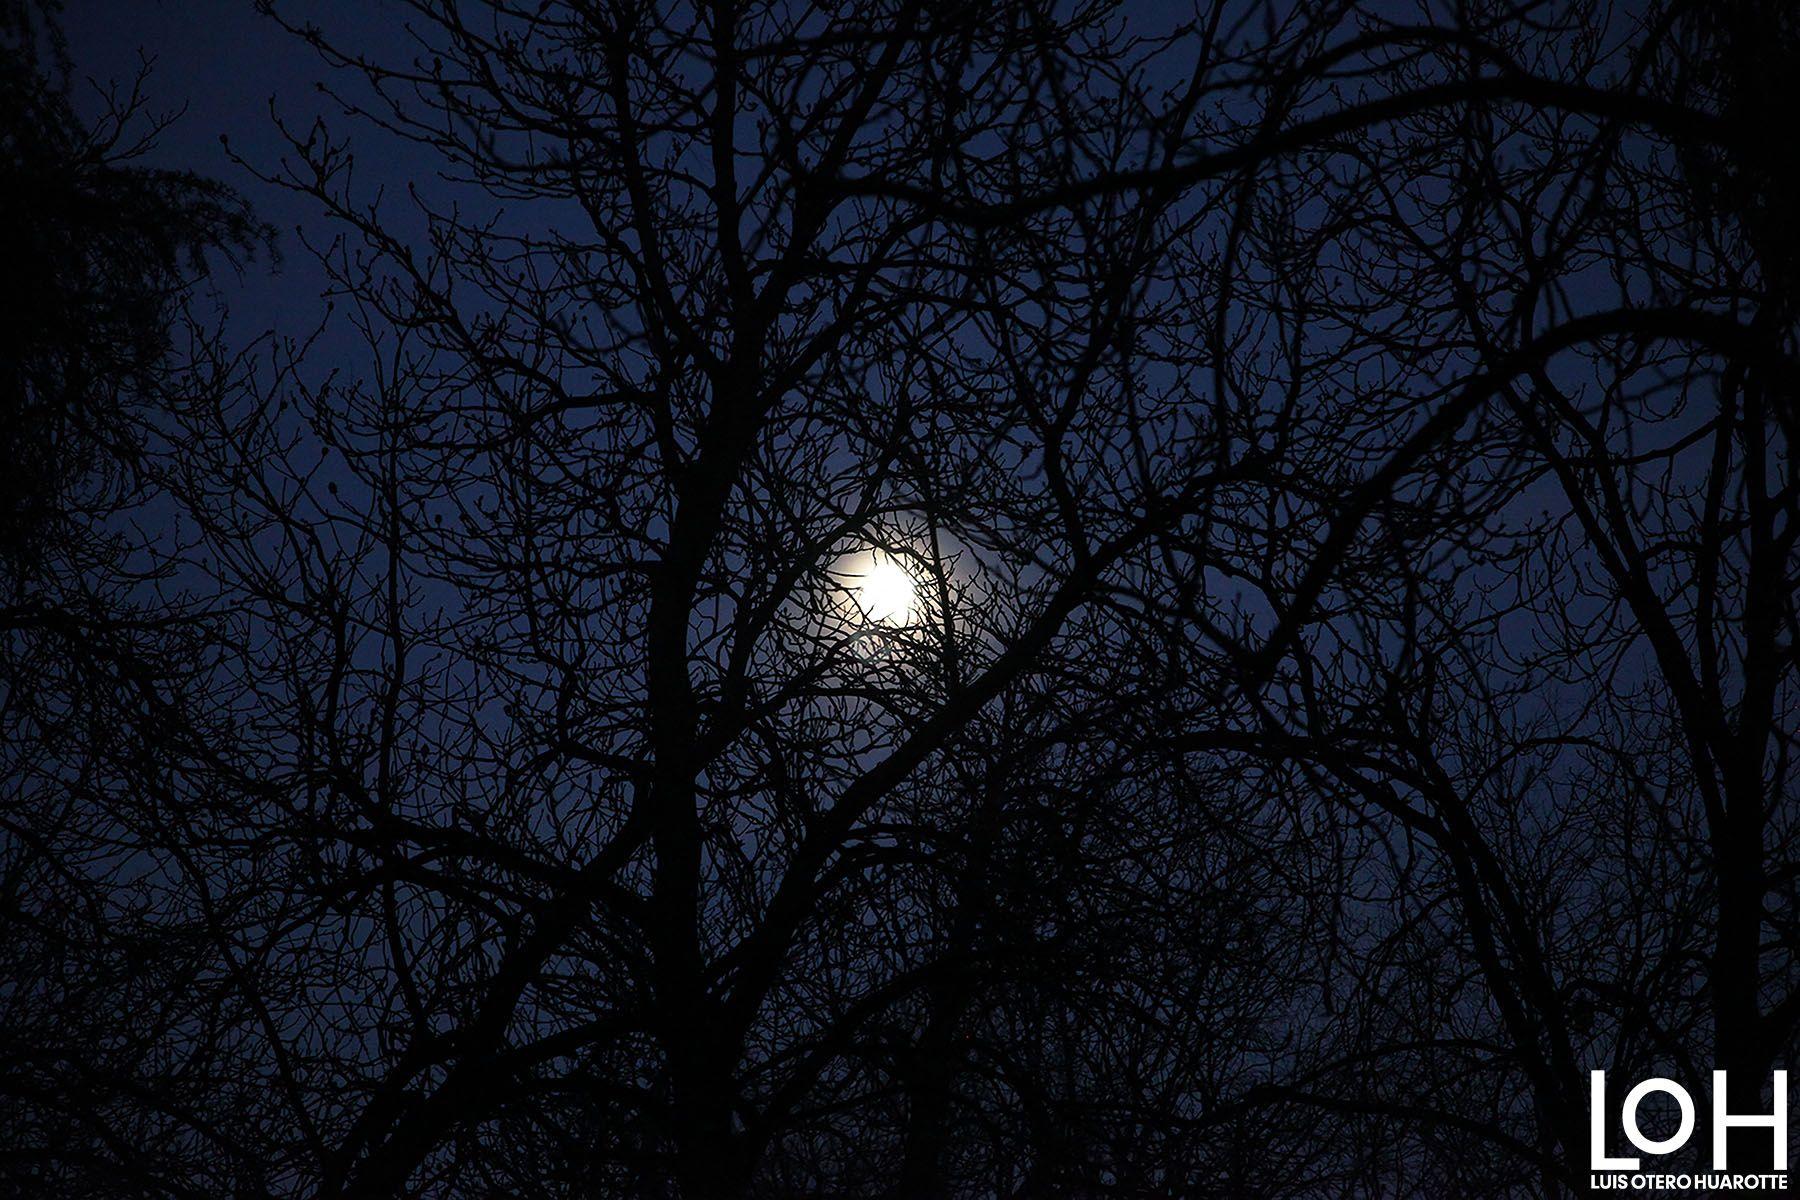 Luna escondida, #Fotografía de Luis Otero Huarotte  #photography #hidingmoon #moon #luna #lunallena #lunallena🌕 #nightsky #cielonocturno #arbol #tree #branches #ramas #nocturno #naturaleza #nature #noches #night #noche #fullmoon